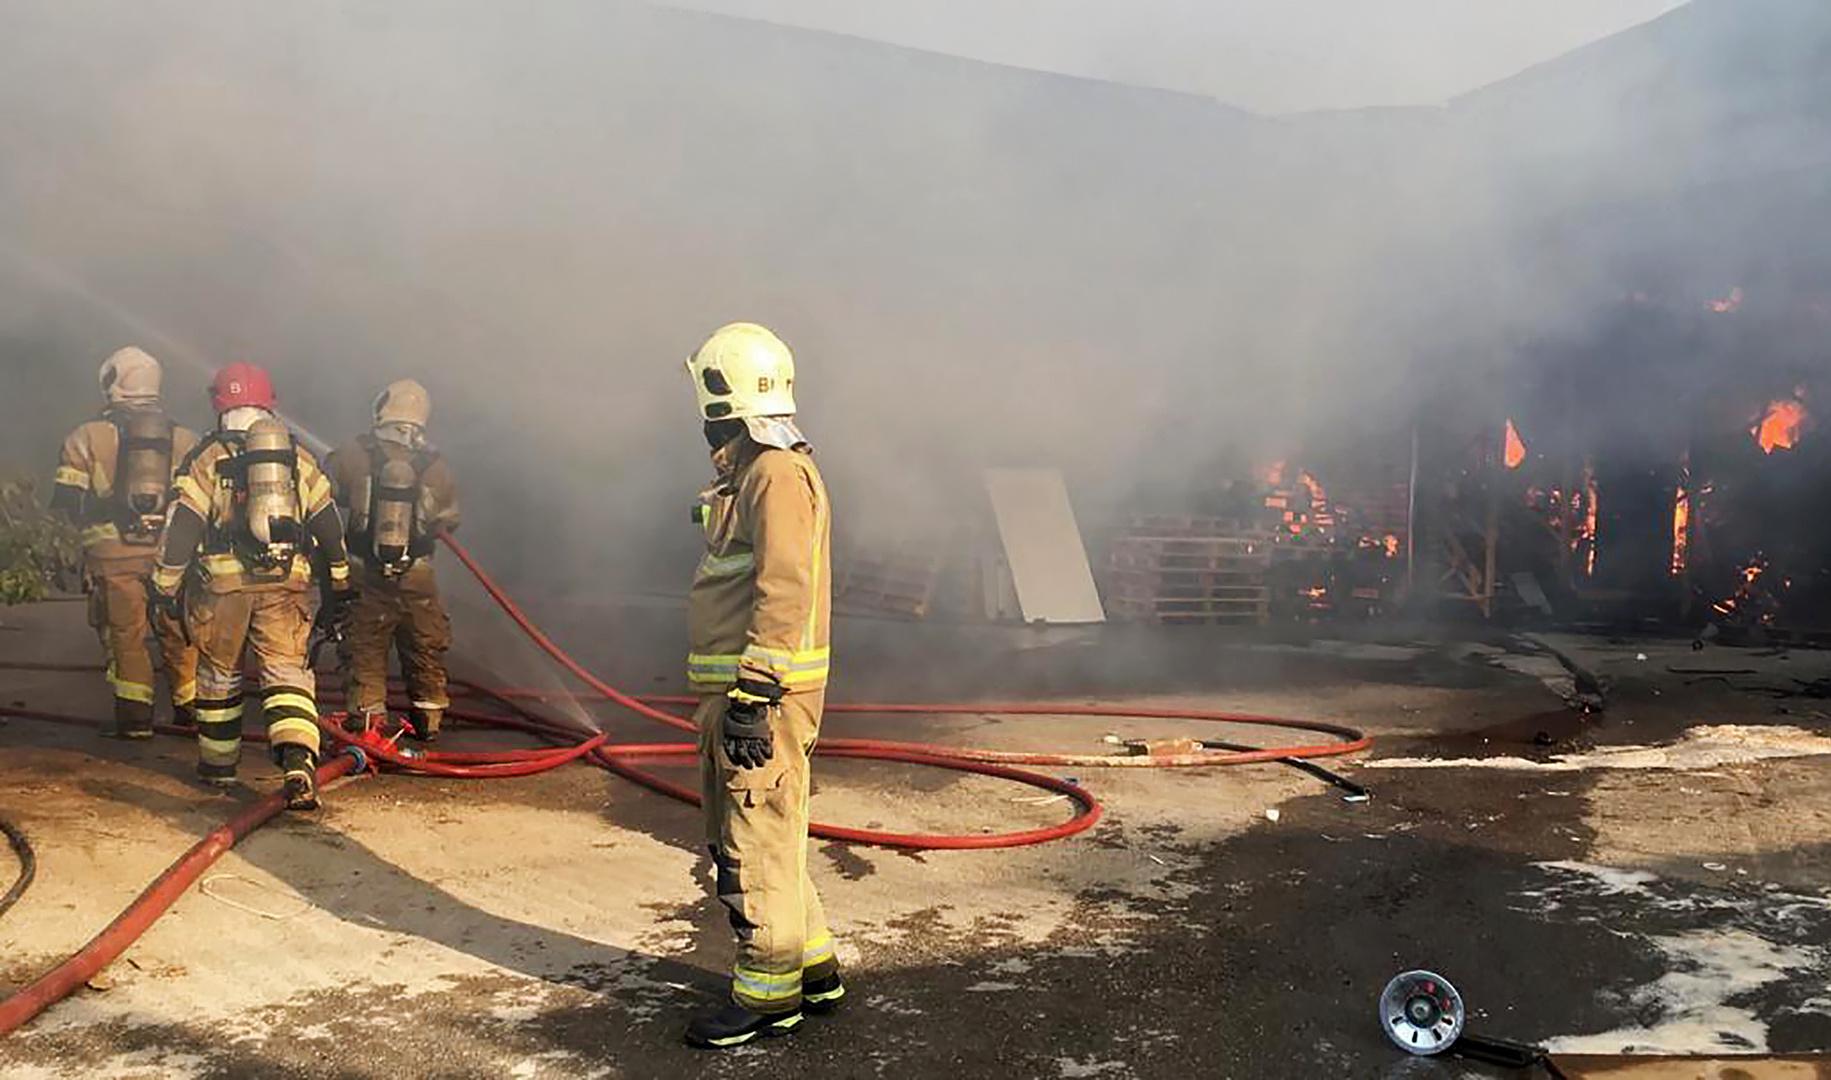 حريق في إحدى محطات ميناء بندر عباس جنوبي إيران يتسبب بقطع الكهرباء عن أحياء في المدينة (فيديو)